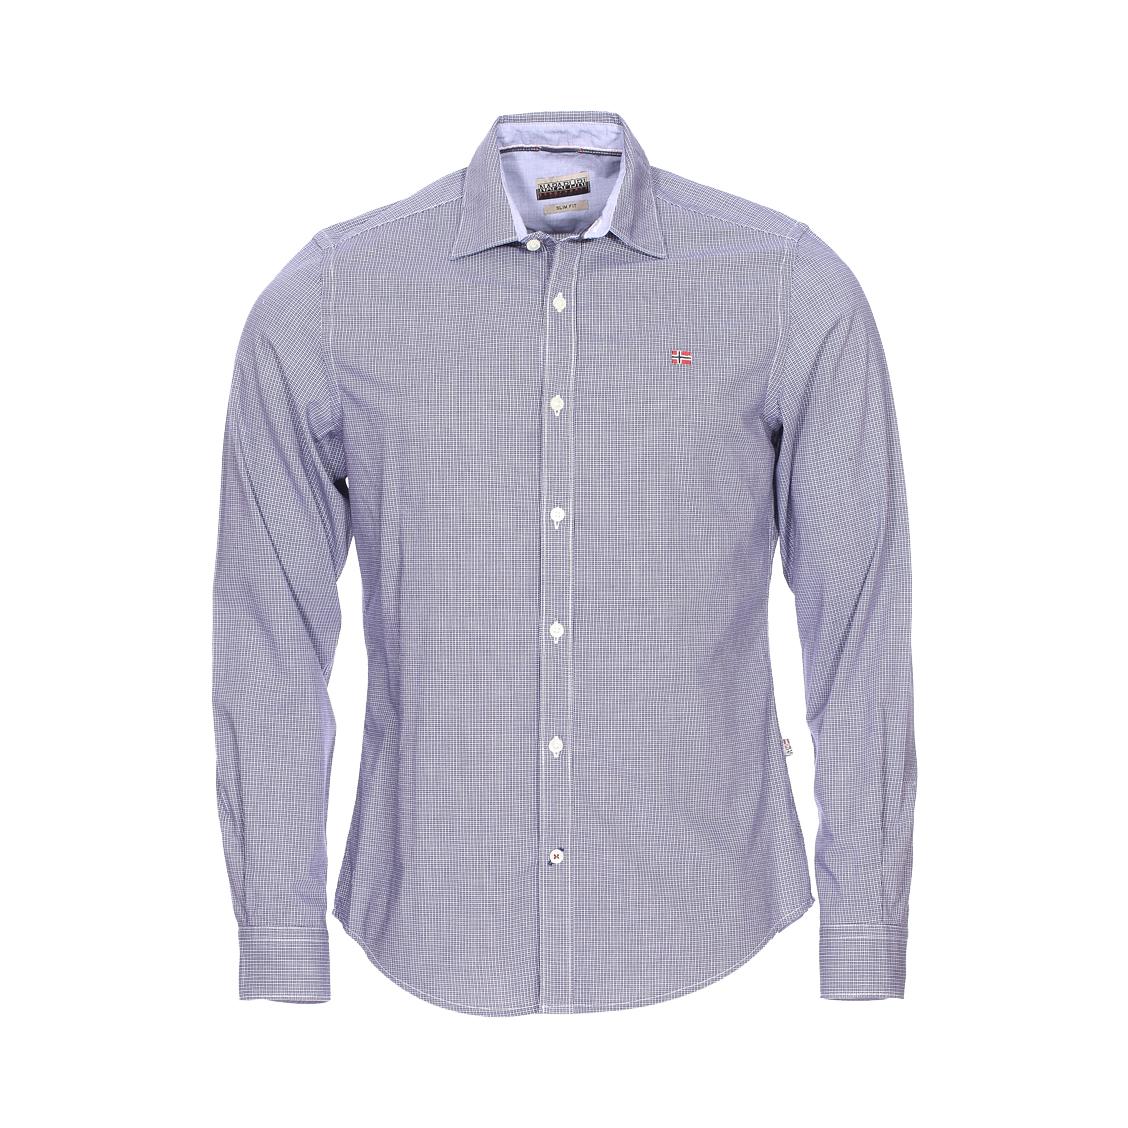 Chemise cintrée gerrington  en coton à carreaux bleu marine et blancs